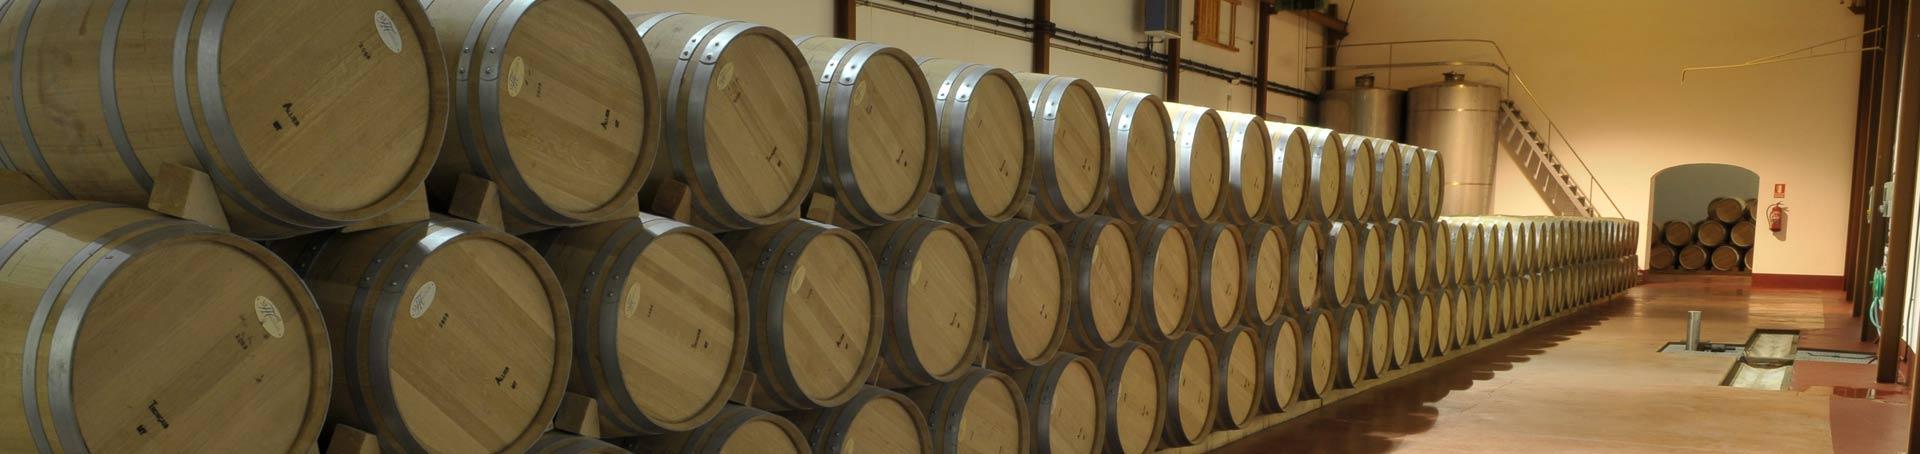 Crianza y envejecimiento del vino